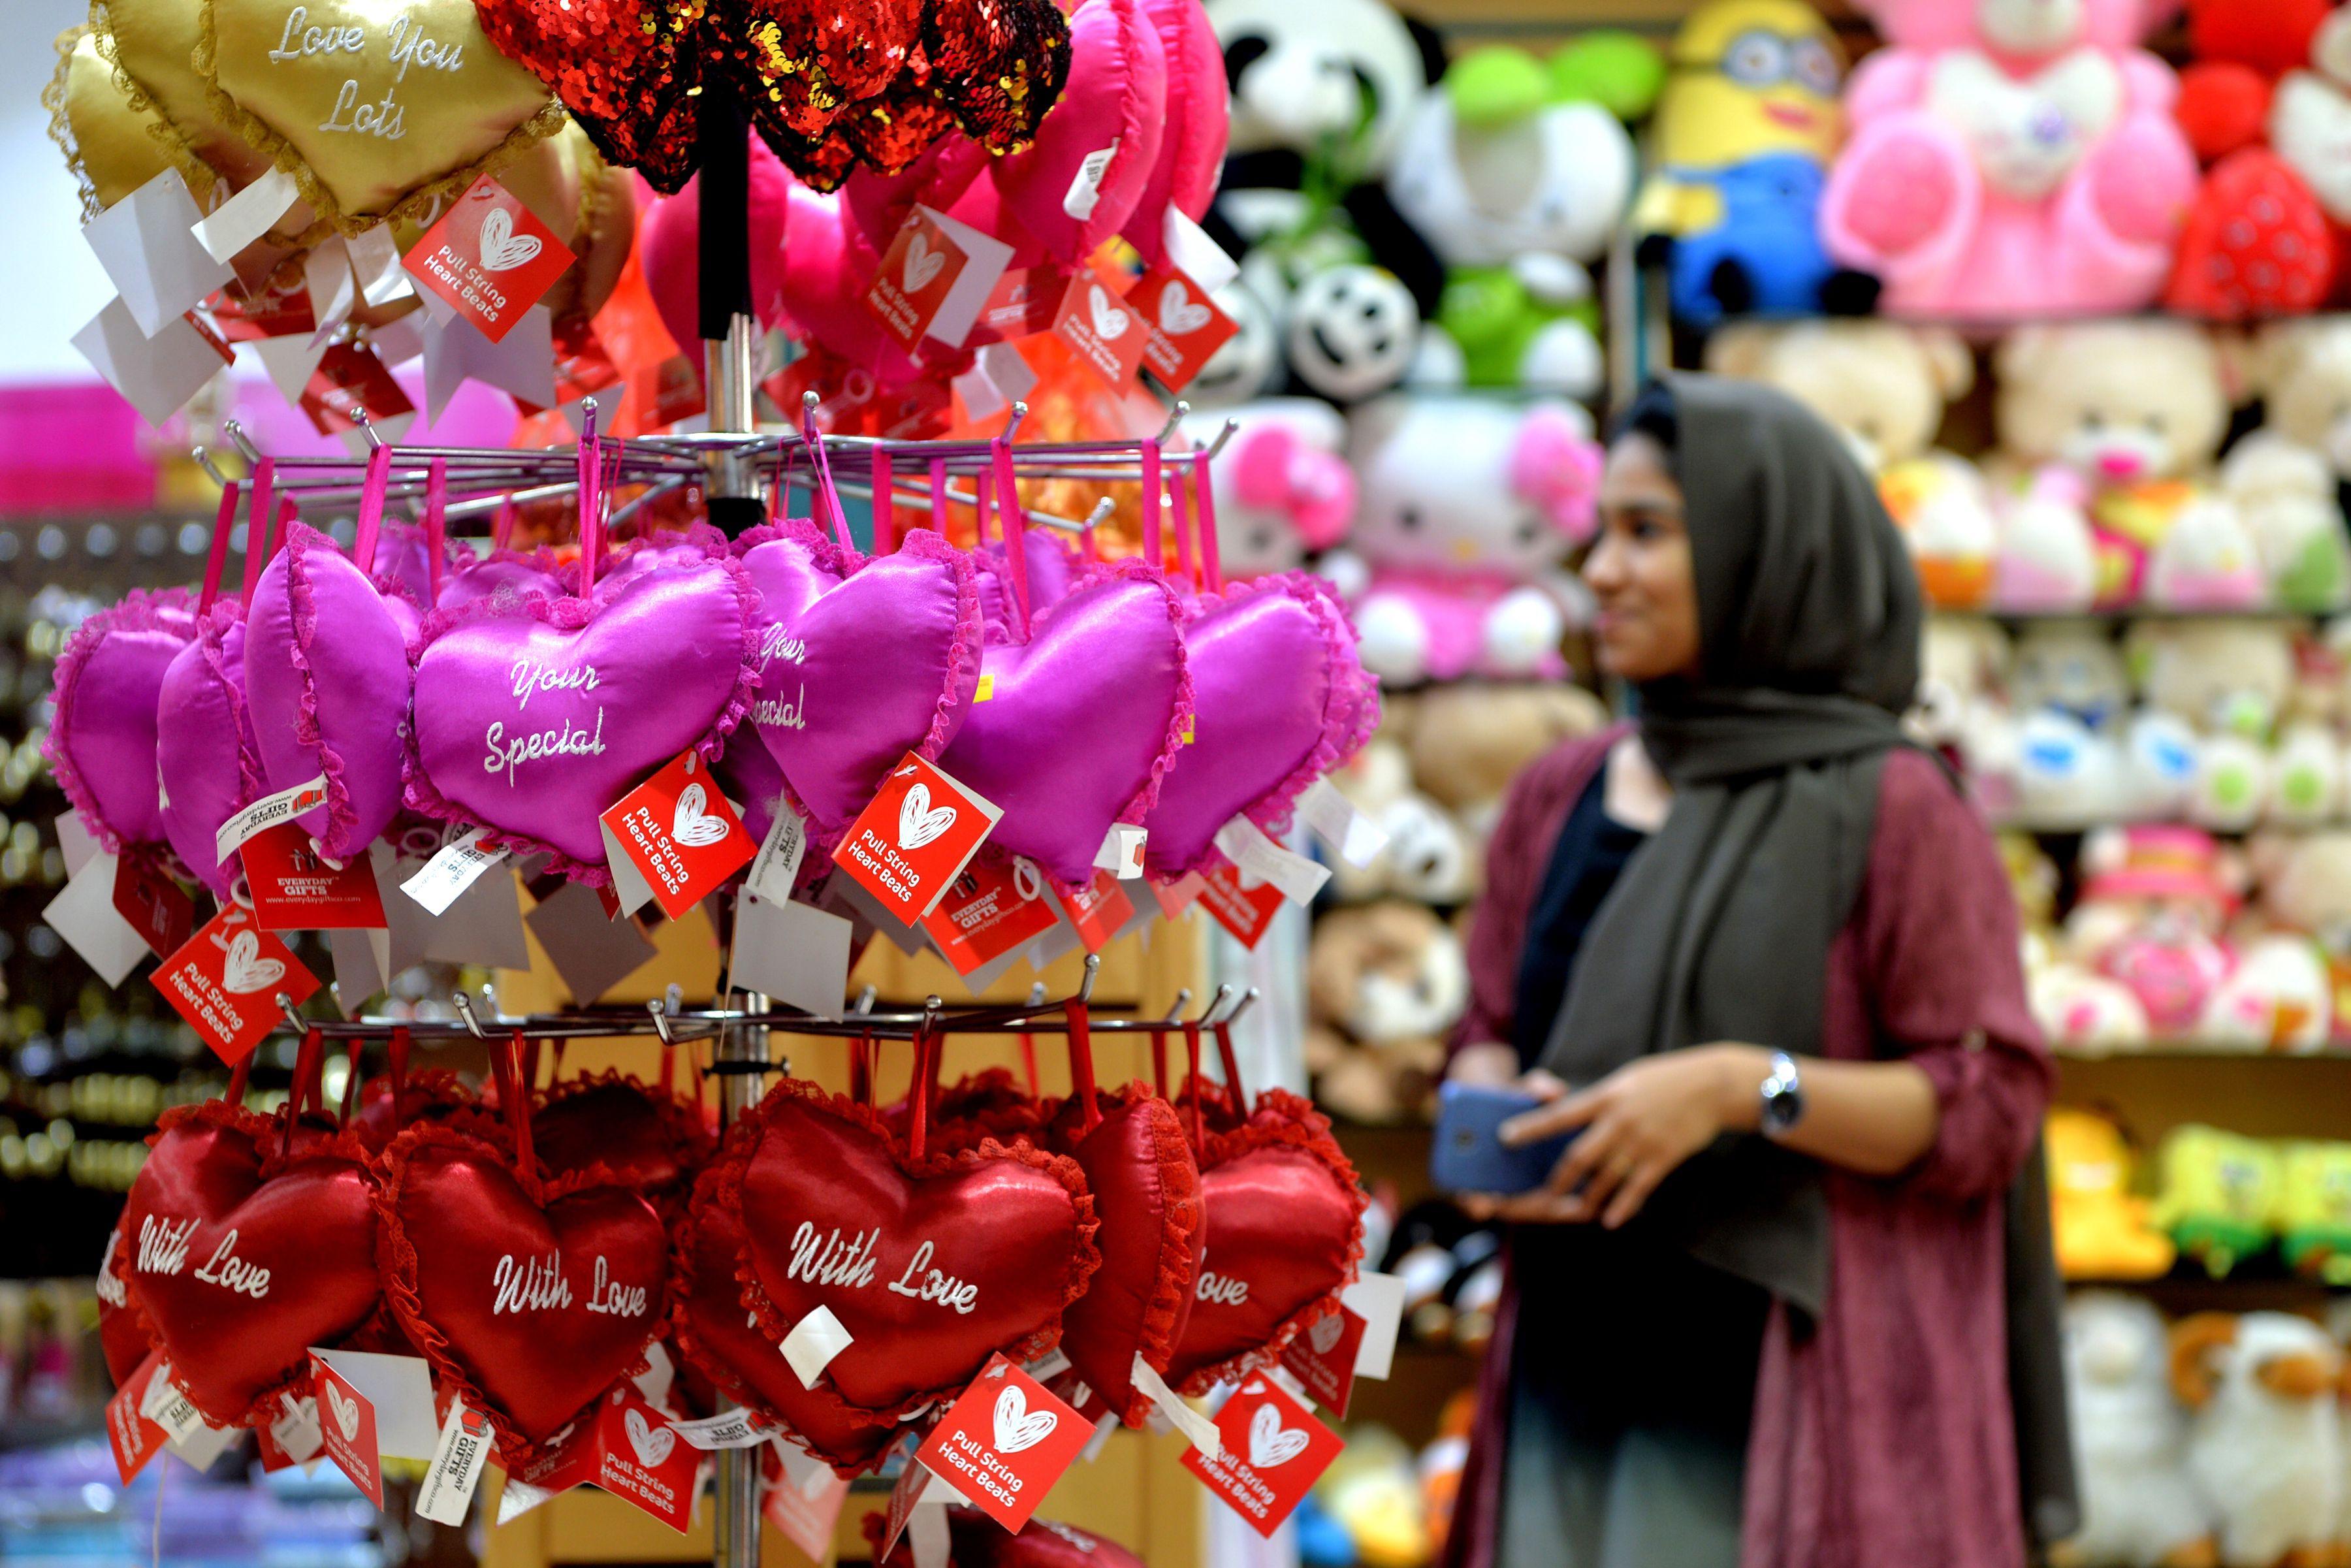 فتاة داخل متجر احتفالا بعيد الحب